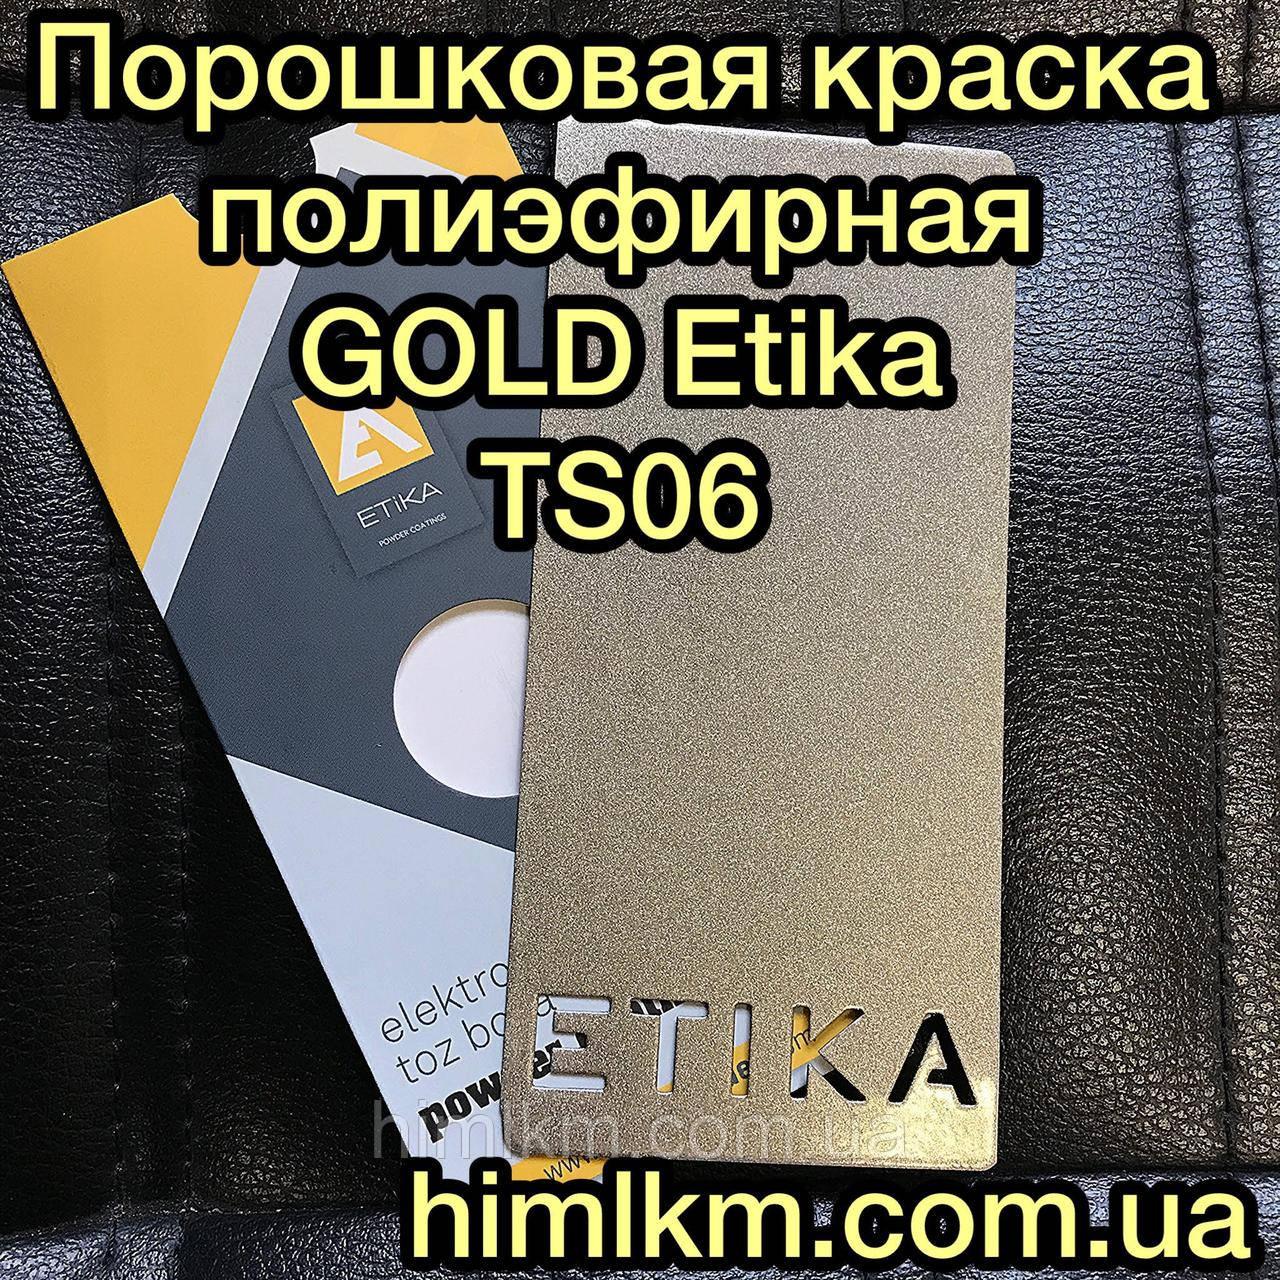 Порошковая полиэфирная краска золото Gold Etika 1TS06-1290 Турция, 20кг